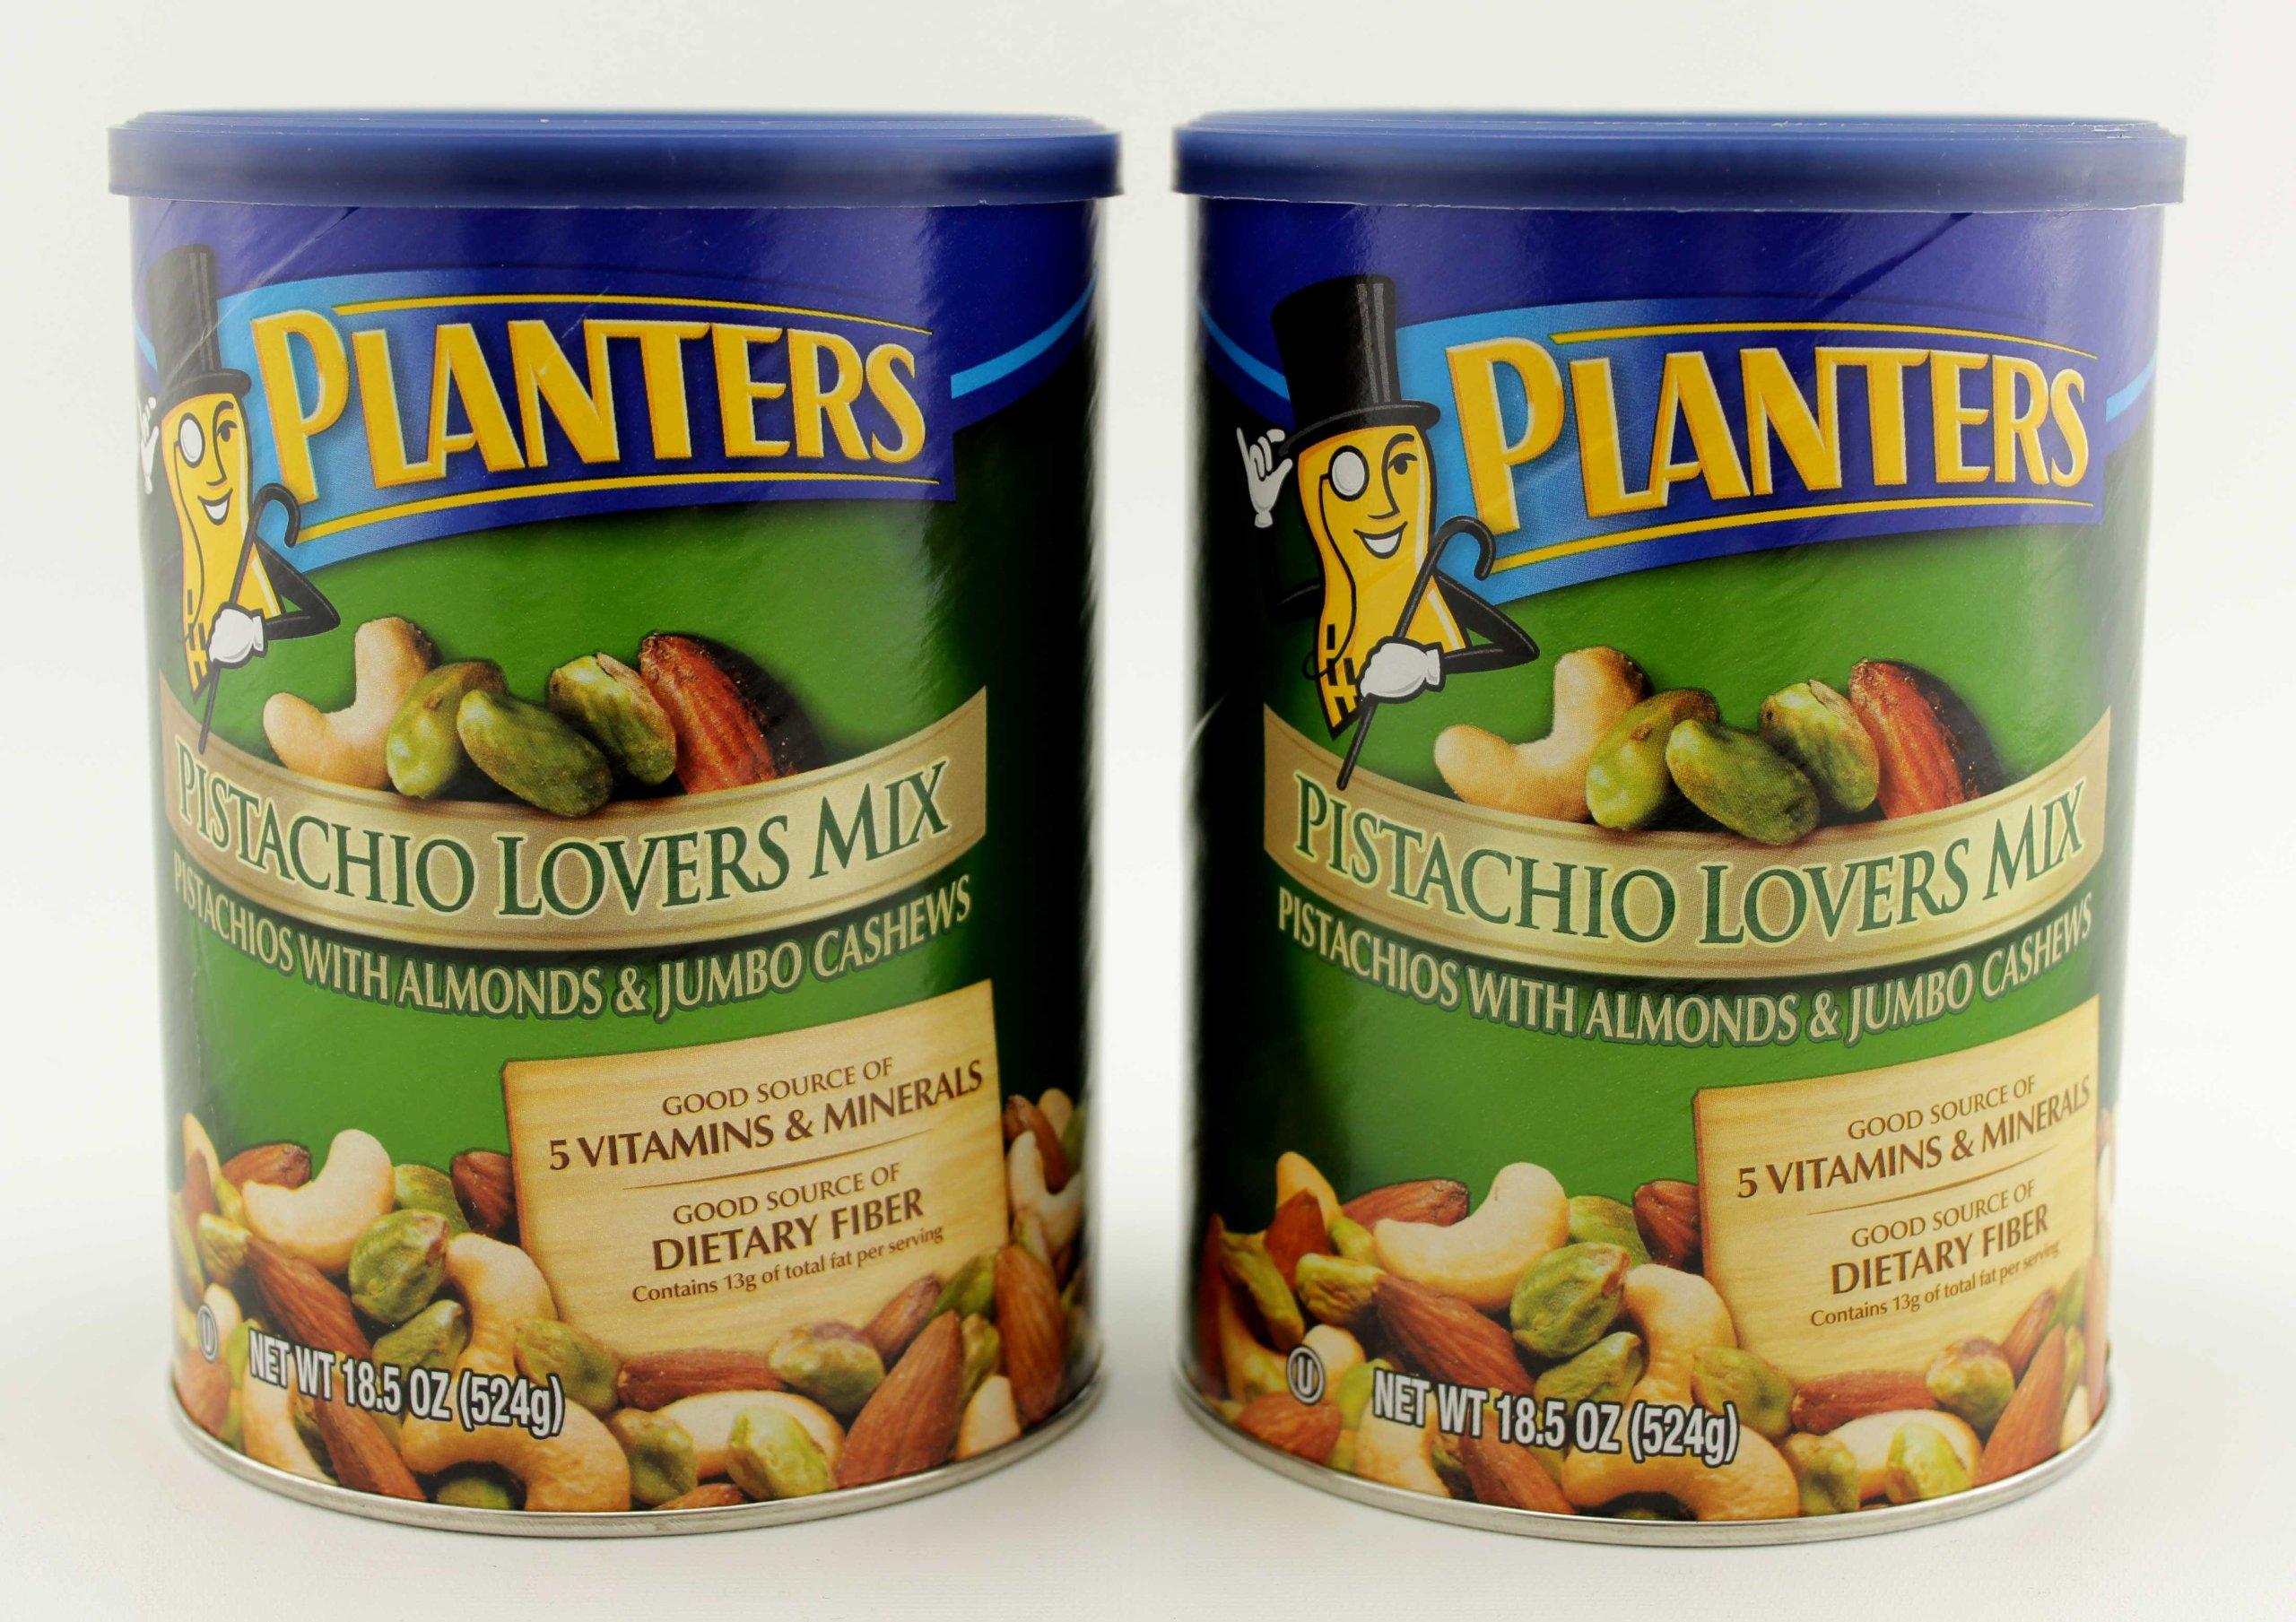 Planters Pistachio Lovers Mix Net Wt 18.5 Oz (Pack of 2)